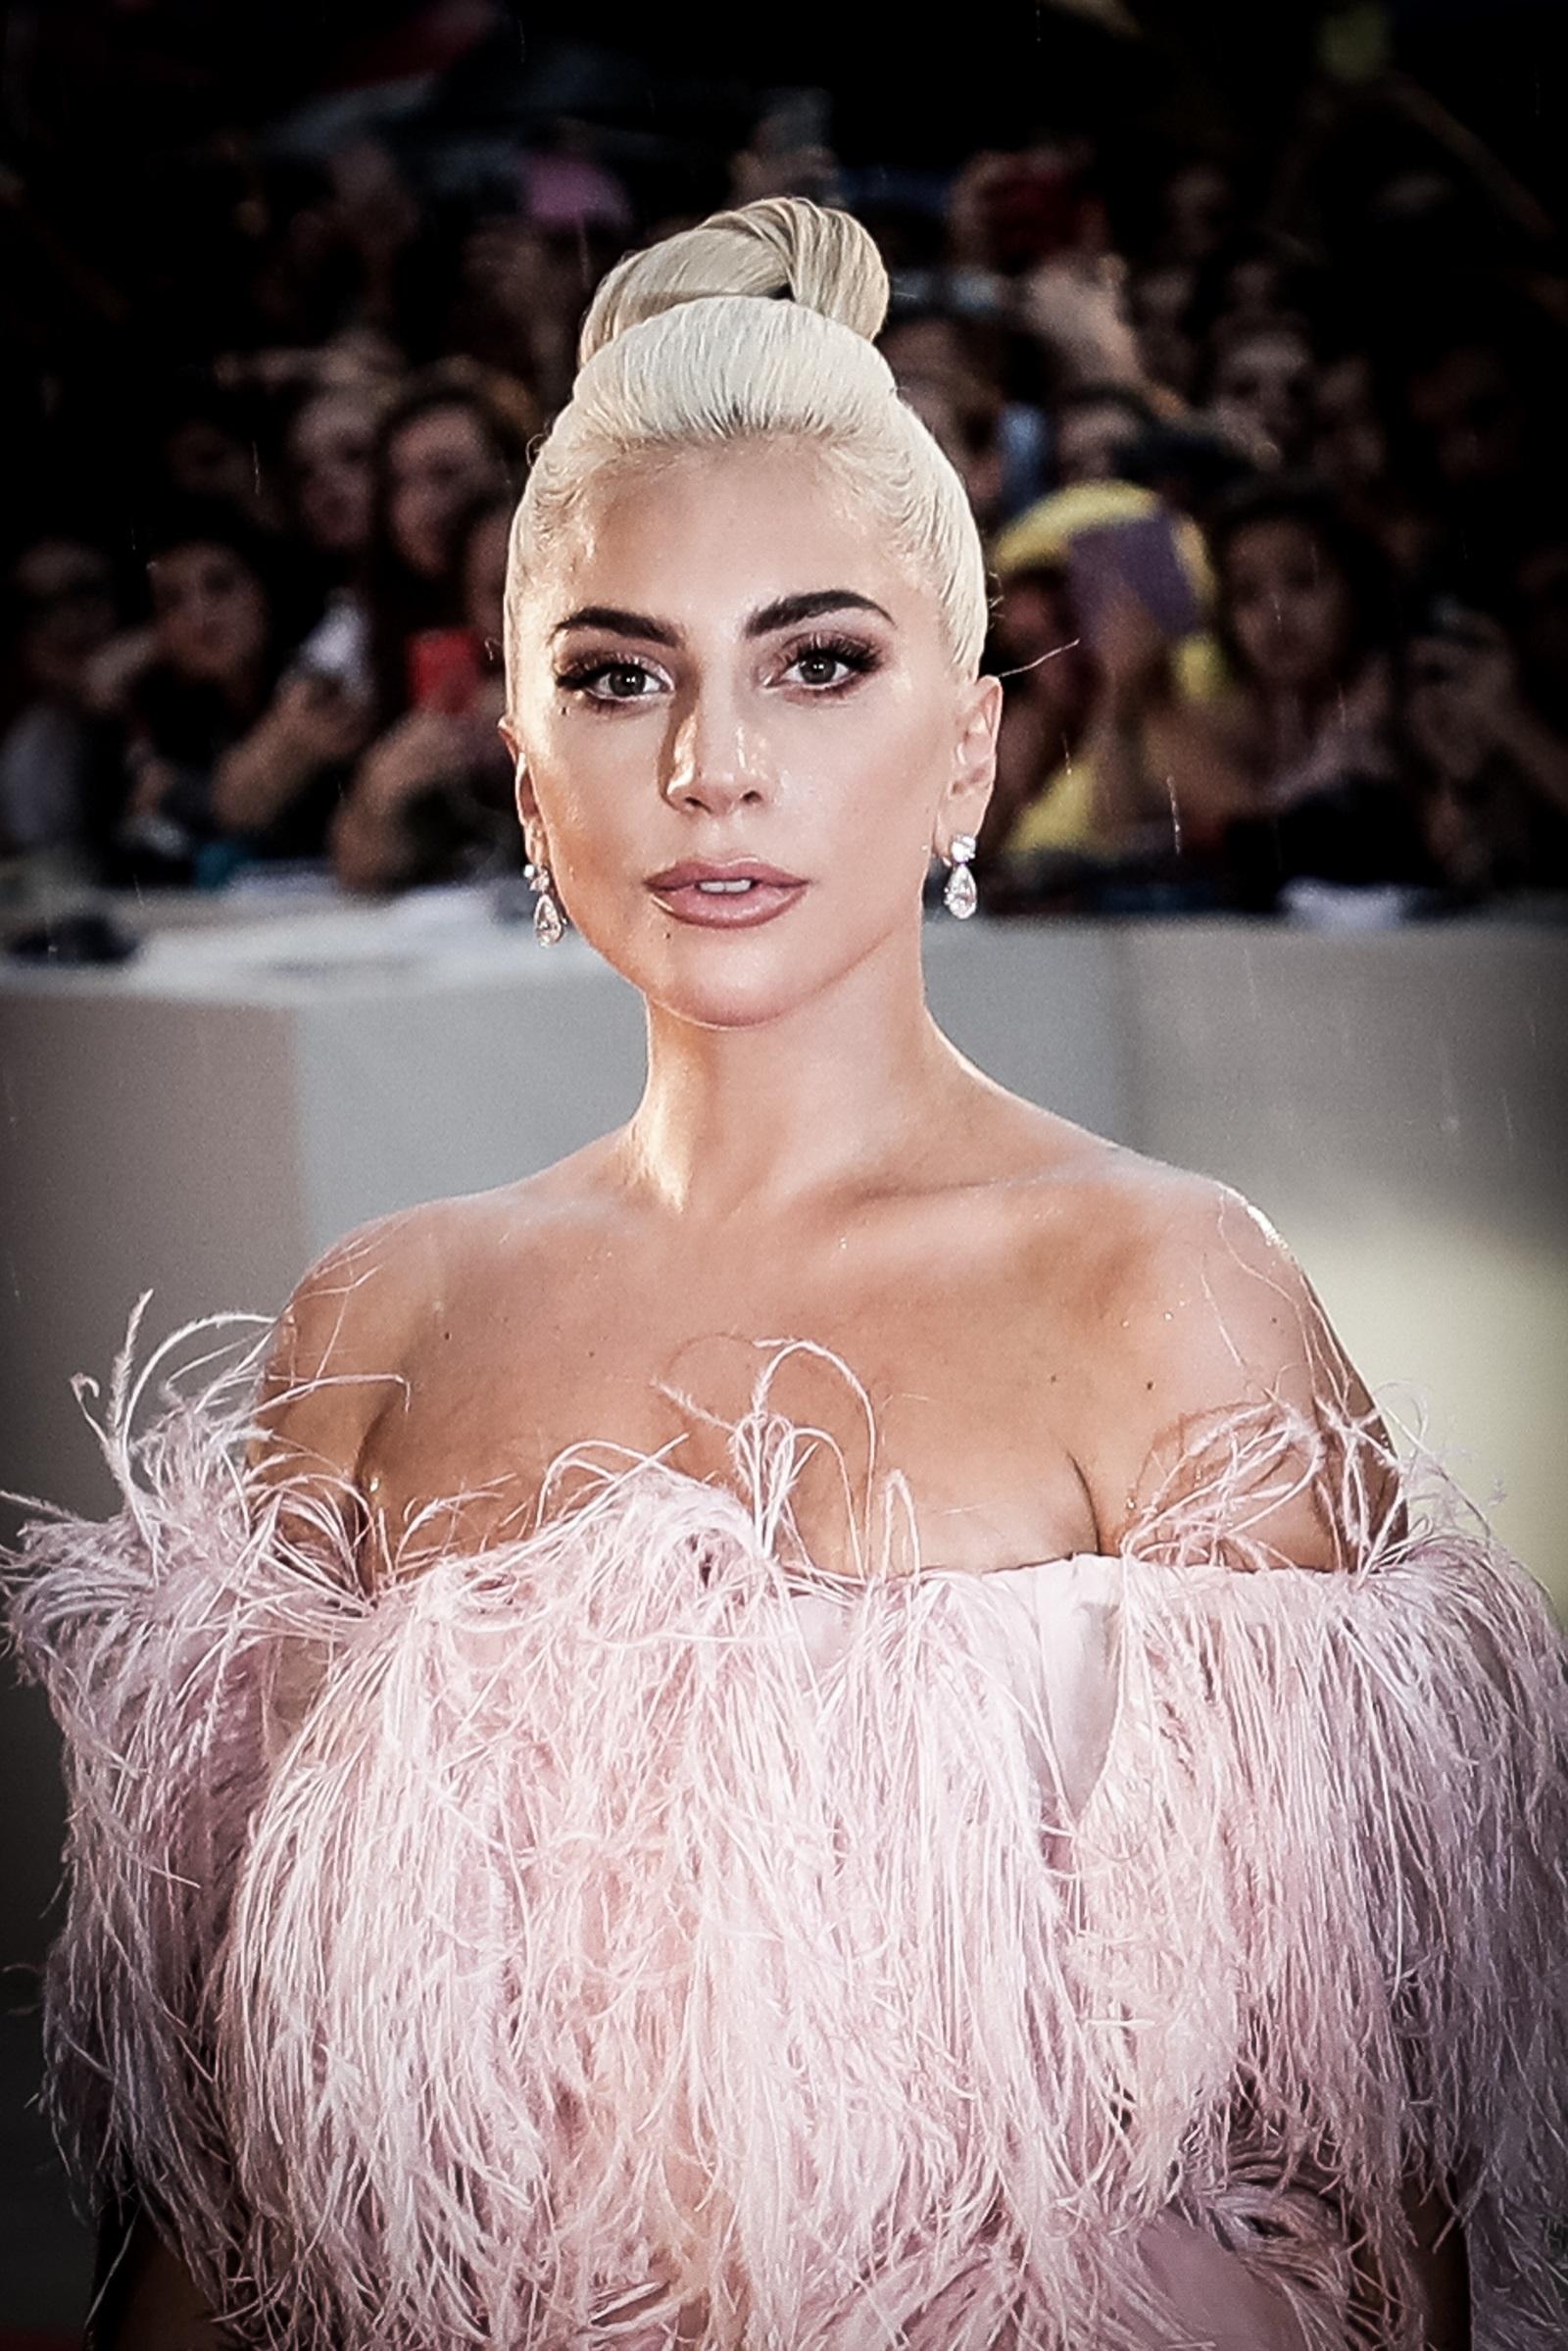 <p><strong>Лейди Гага</strong></p>  <p>Лейди Гага е била сред малкото ученици от класа й, които са имали работа. Певицата и актриса споделя, че е използвала заплатата си, за да си купува маркови чанти.</p>